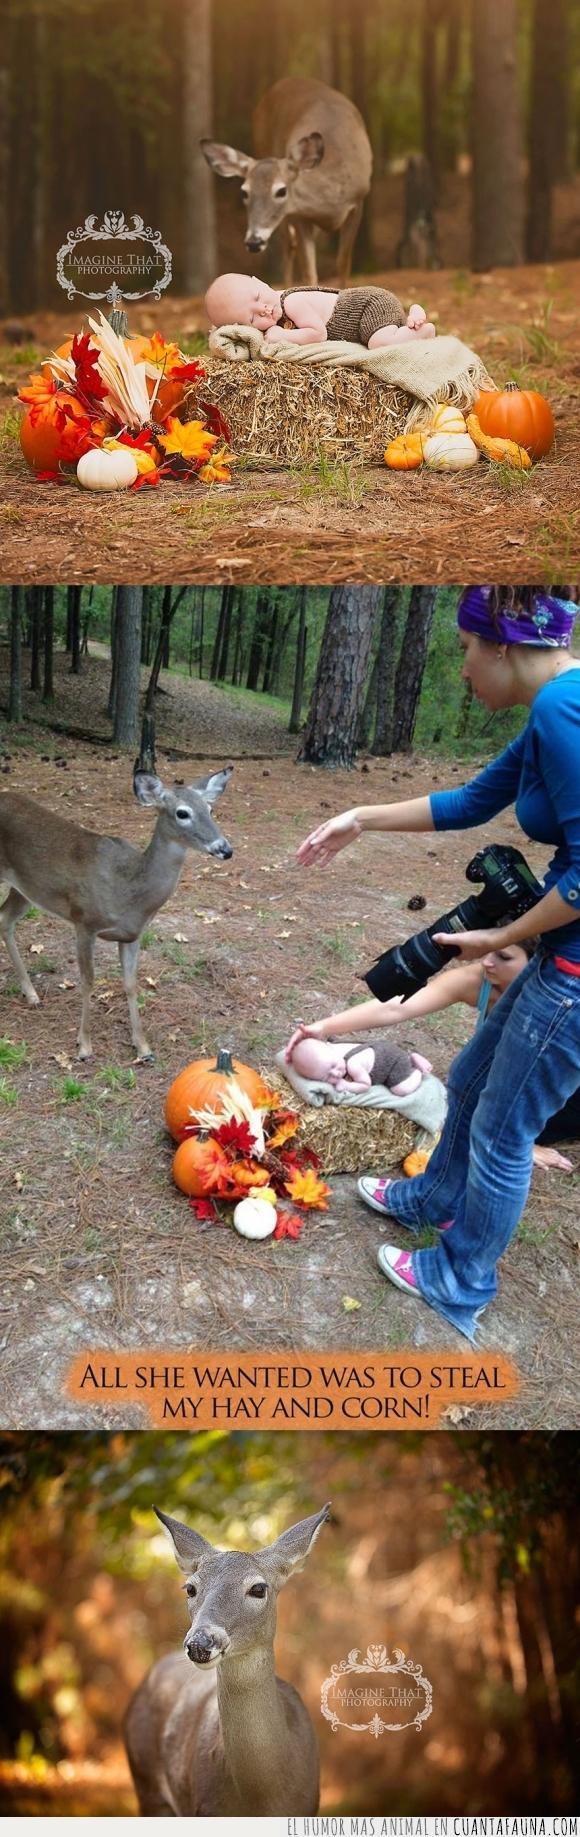 bebe,ciervo,comer,comida,cuento de hadas,fotografía,fotografo,oler,sesión